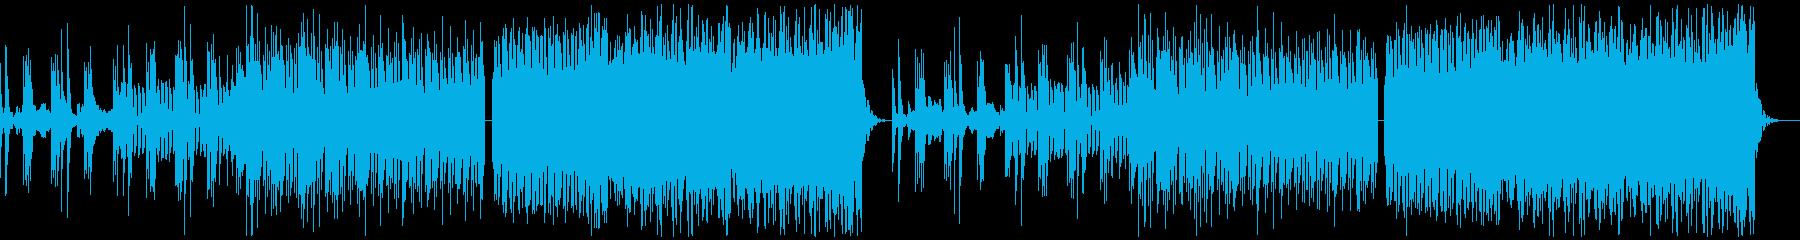 クール・スタイリッシュなBGM・6の再生済みの波形